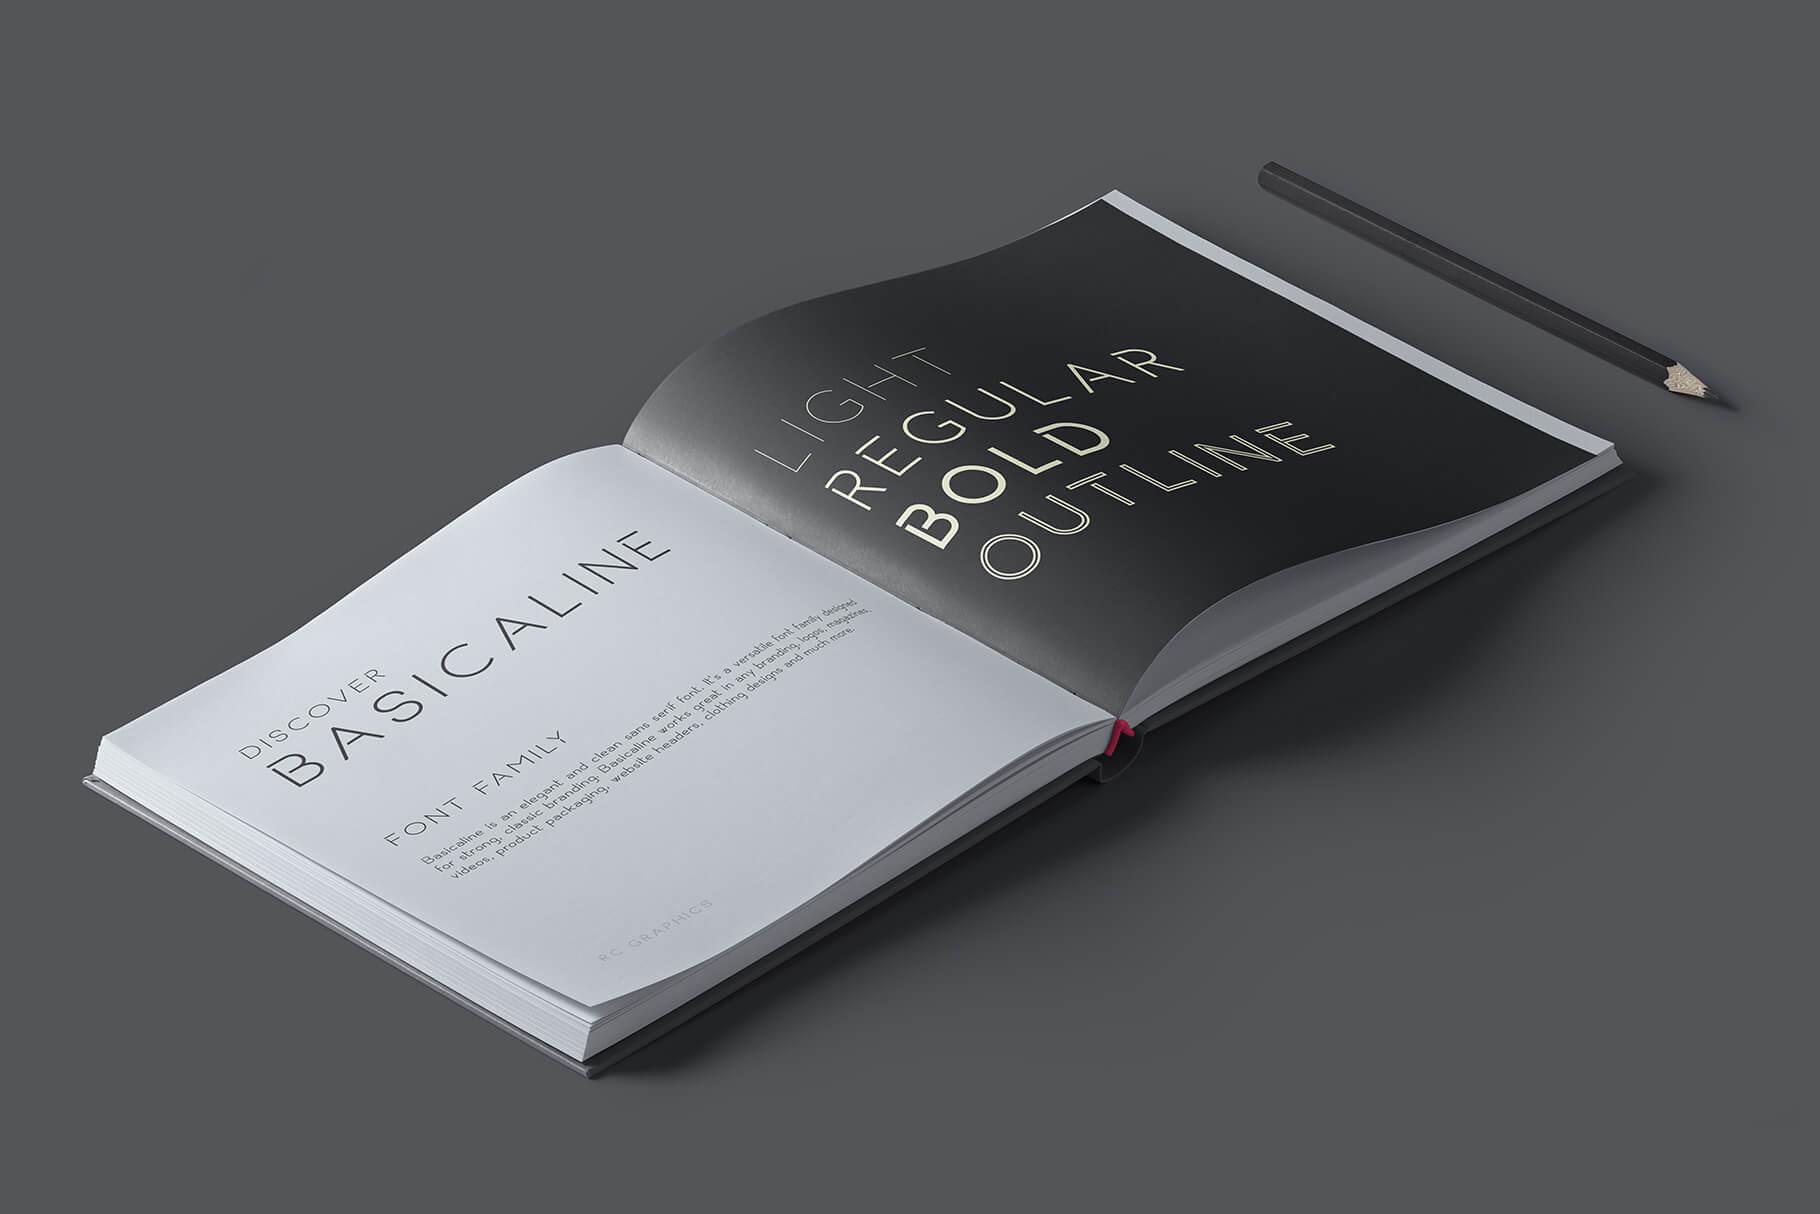 Basicaline Free Font Demo